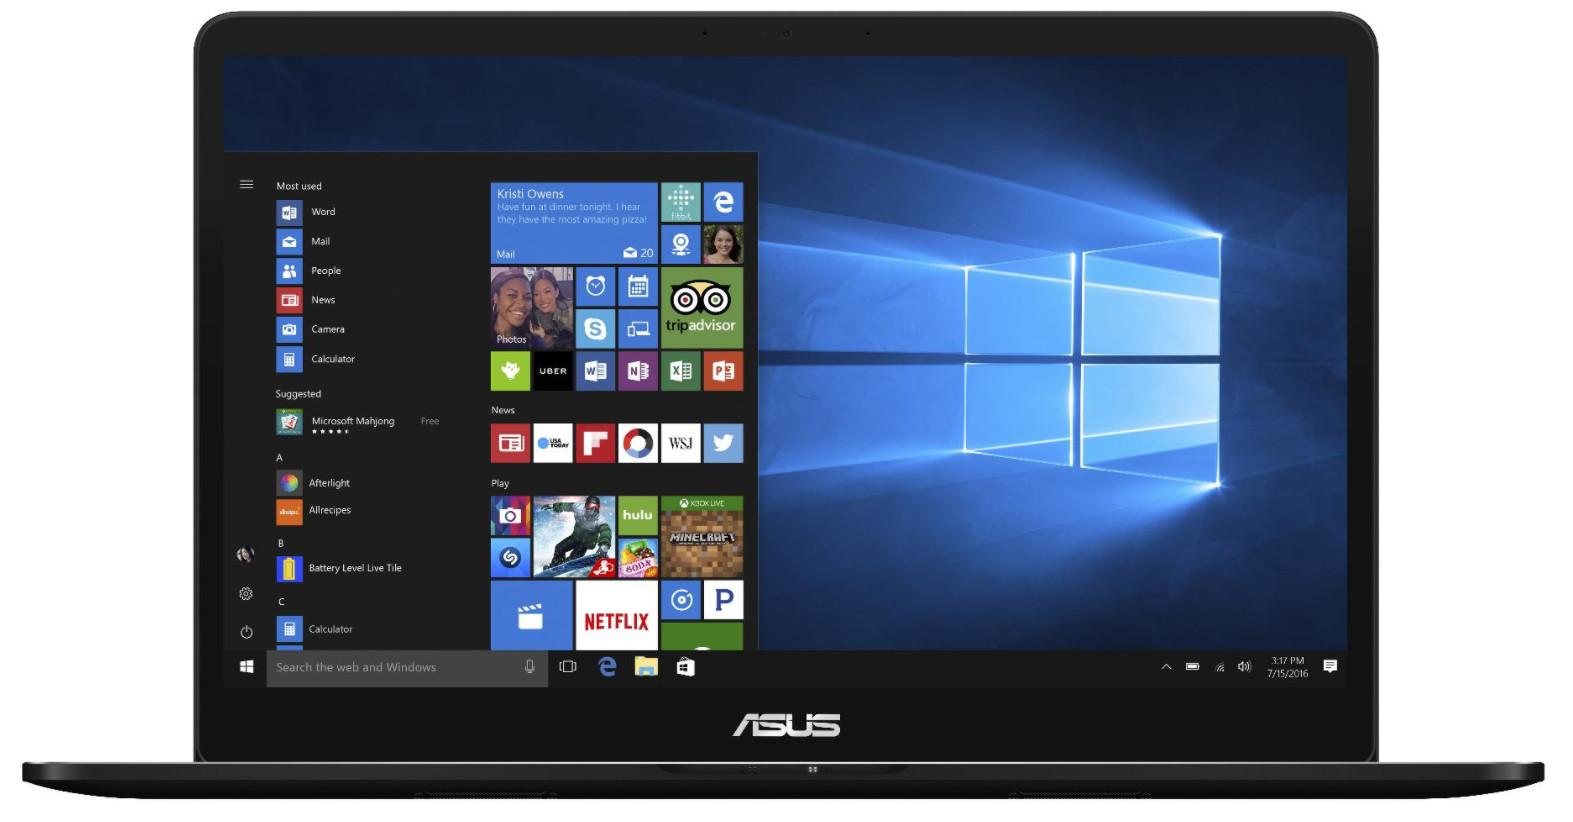 ASUS comercializa en España el ZenBook Pro 41